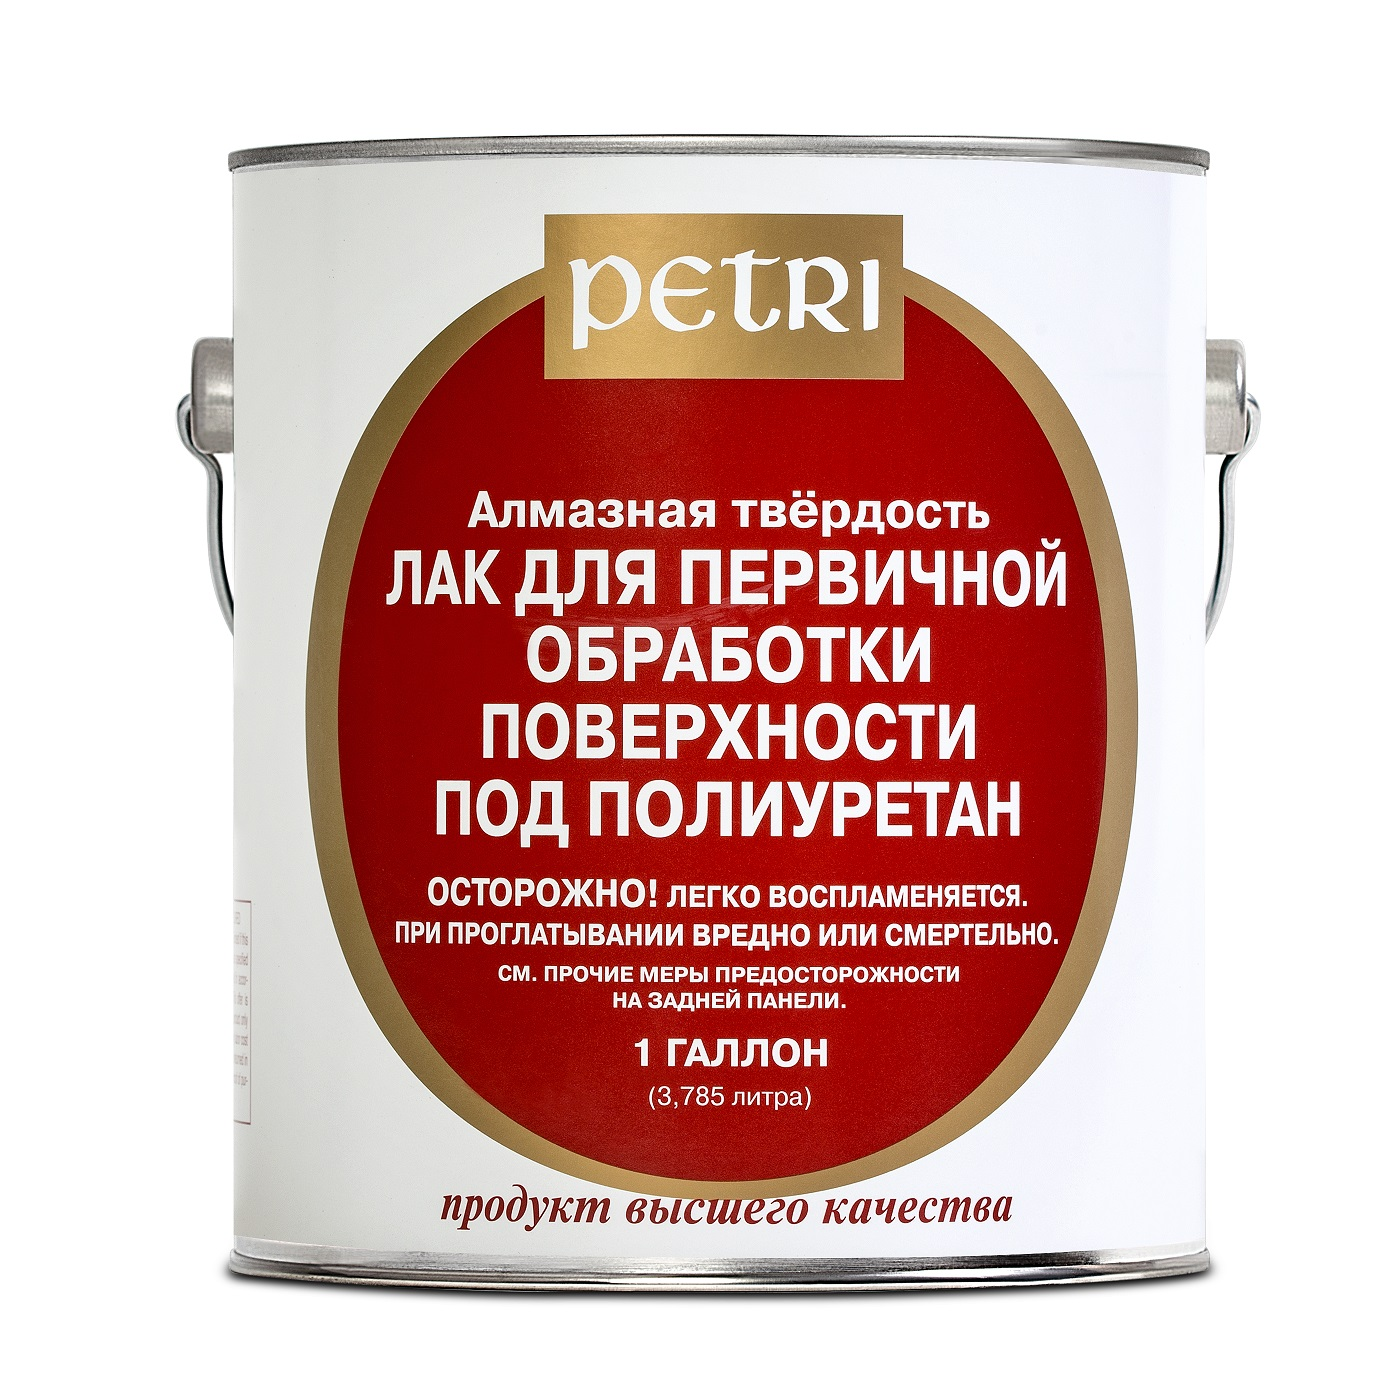 Лак для камня горизонтальные поверхности производства россии наливной пол в кухне и прихожей